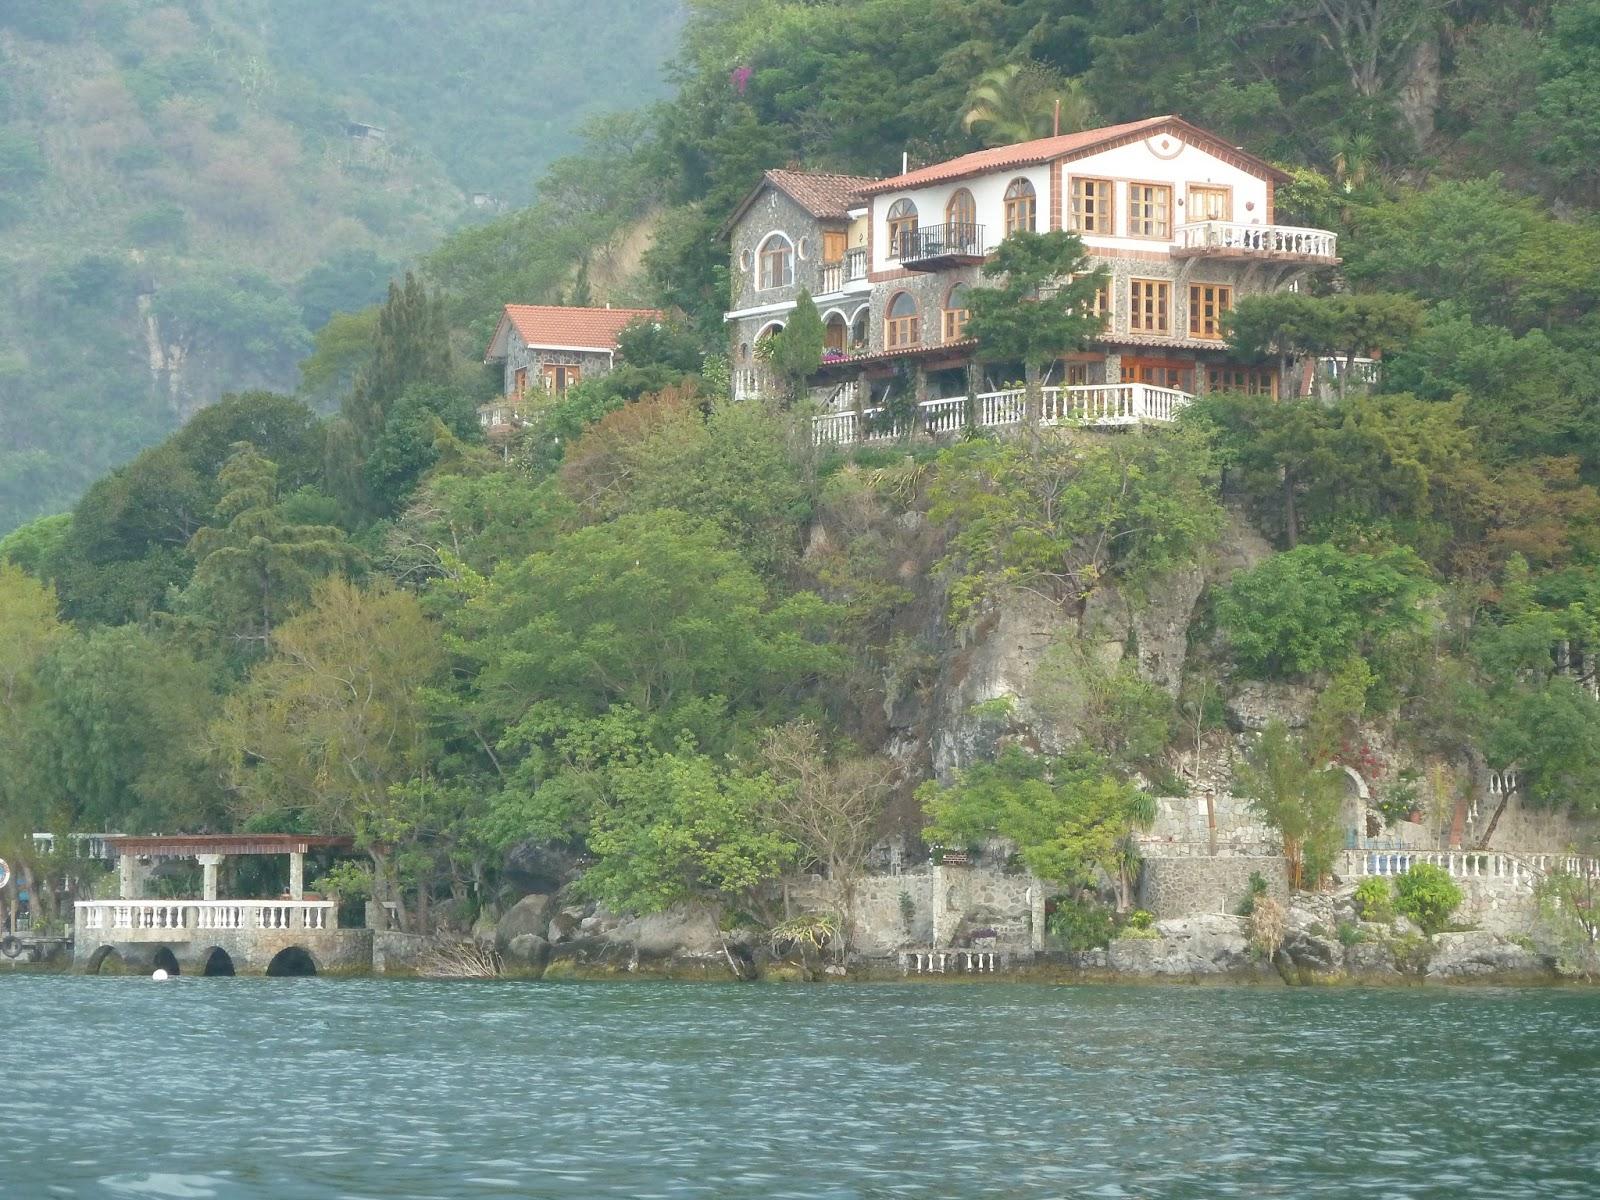 Guatemala 2013 - Casa del mundo ...